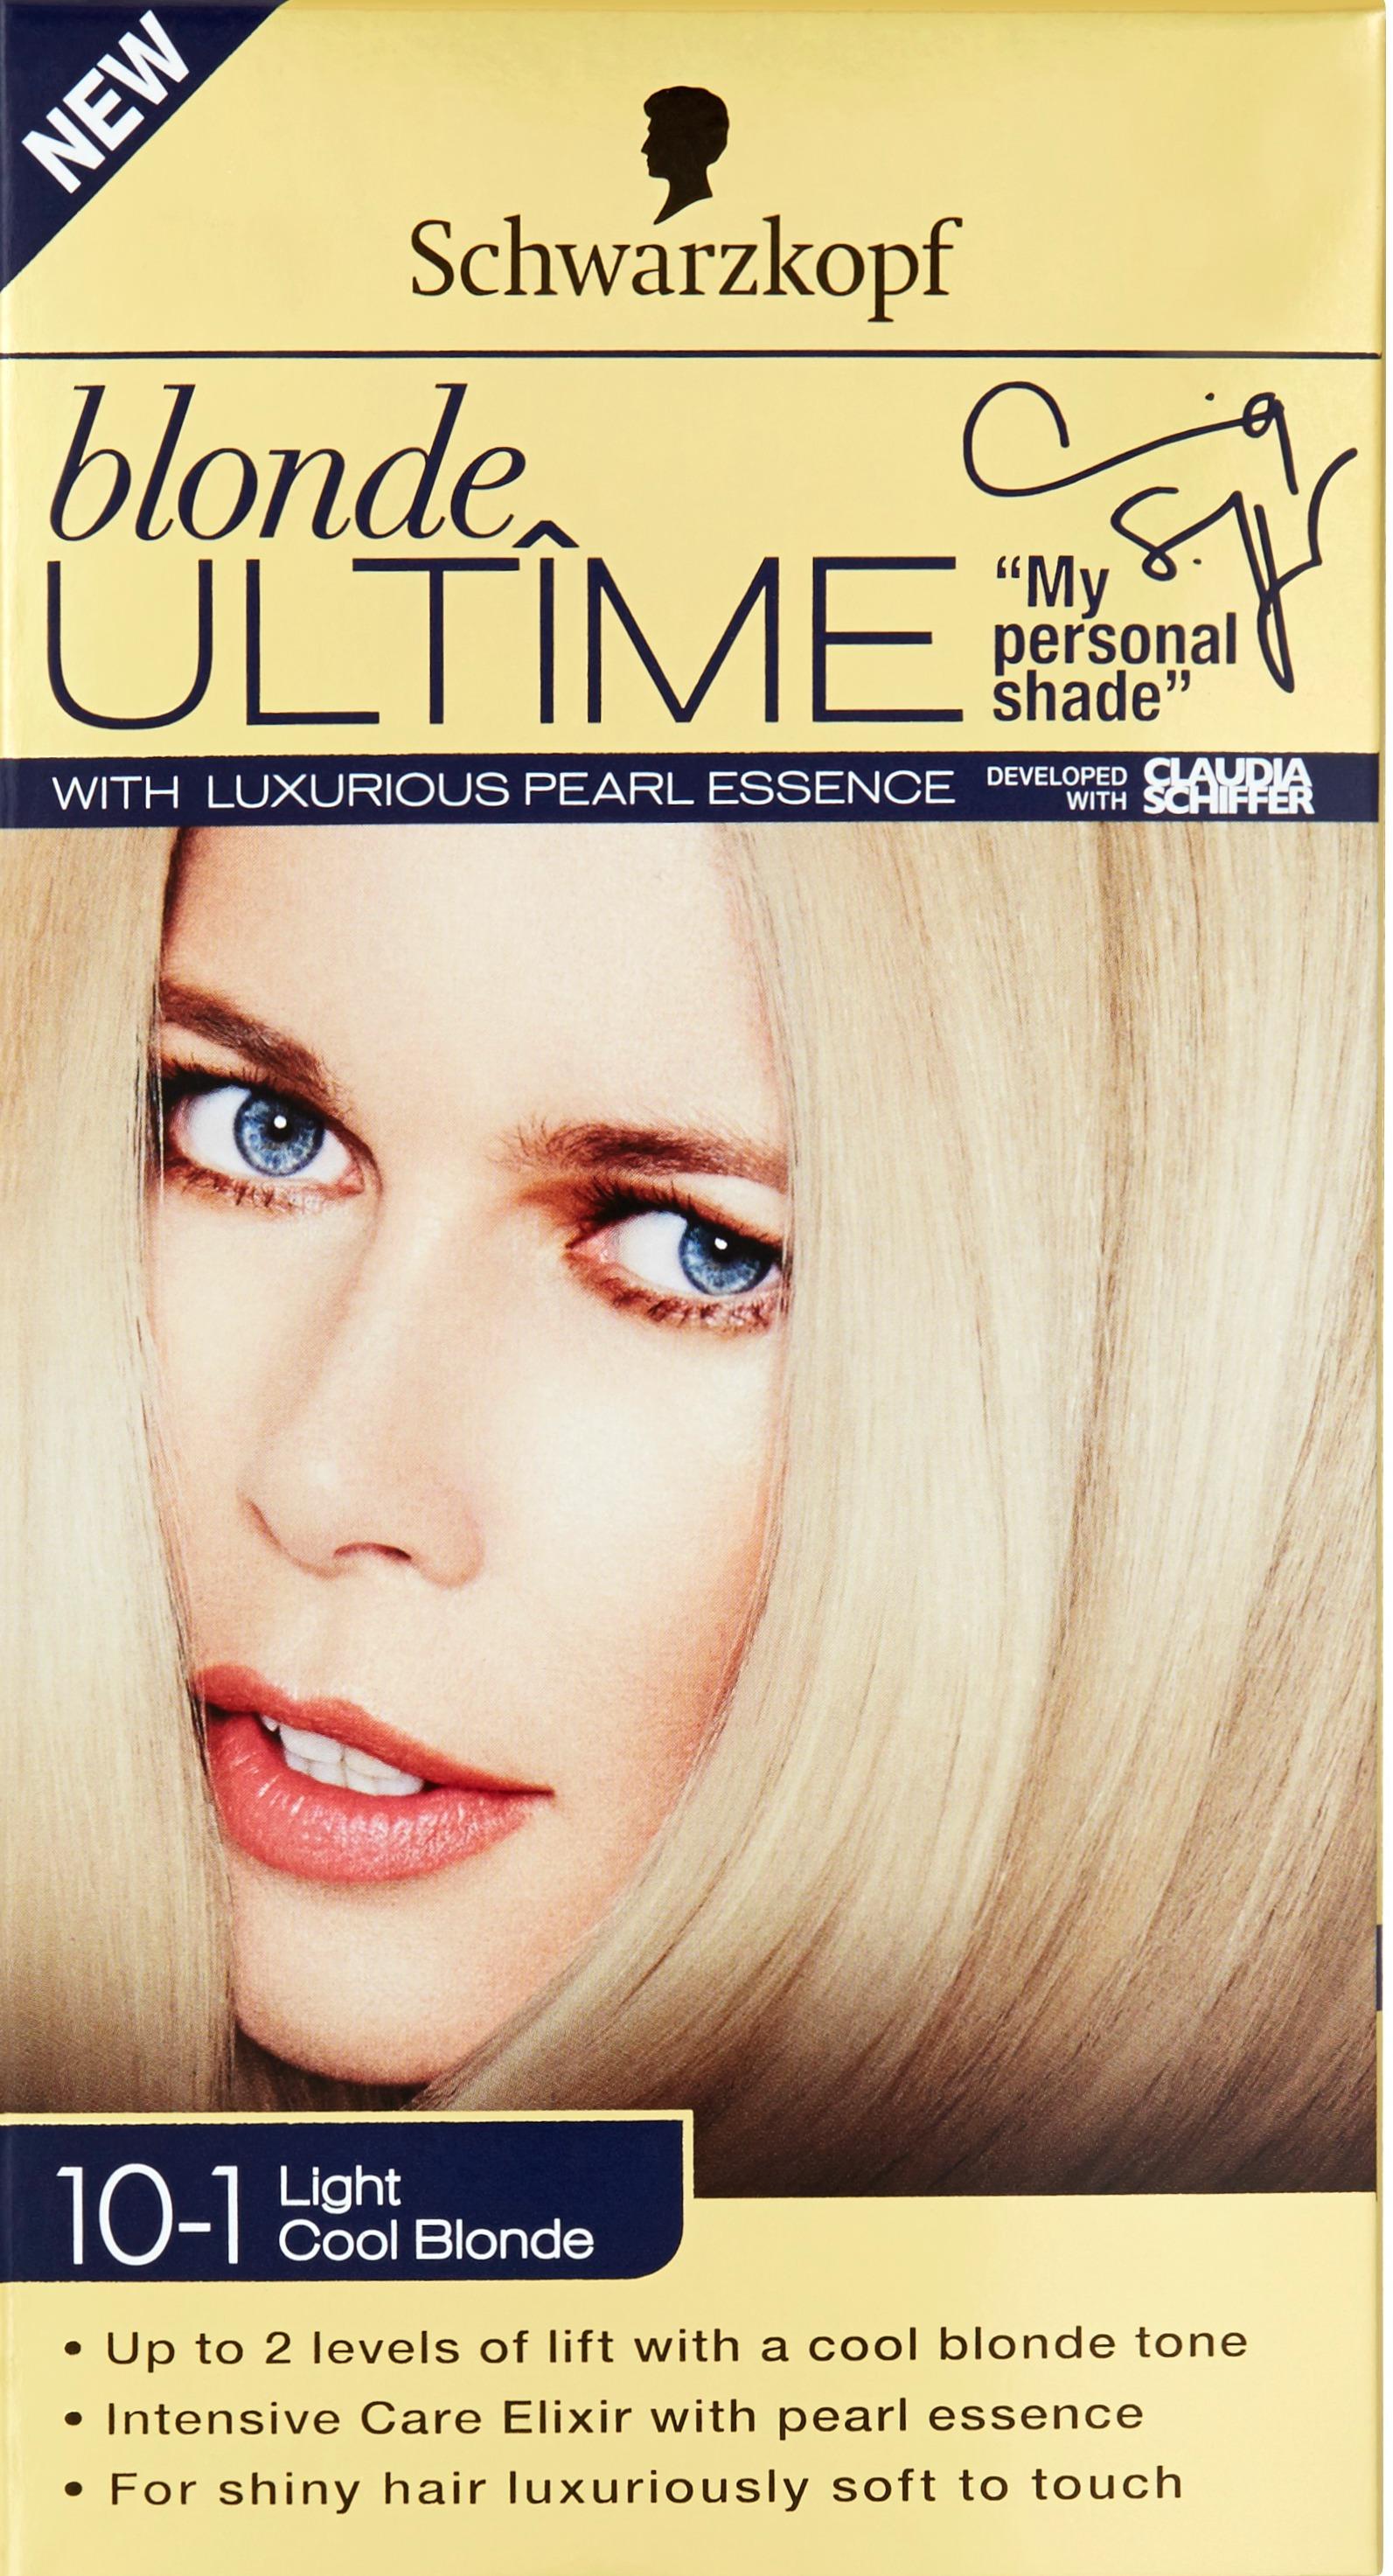 Blonde Ultime 10-1